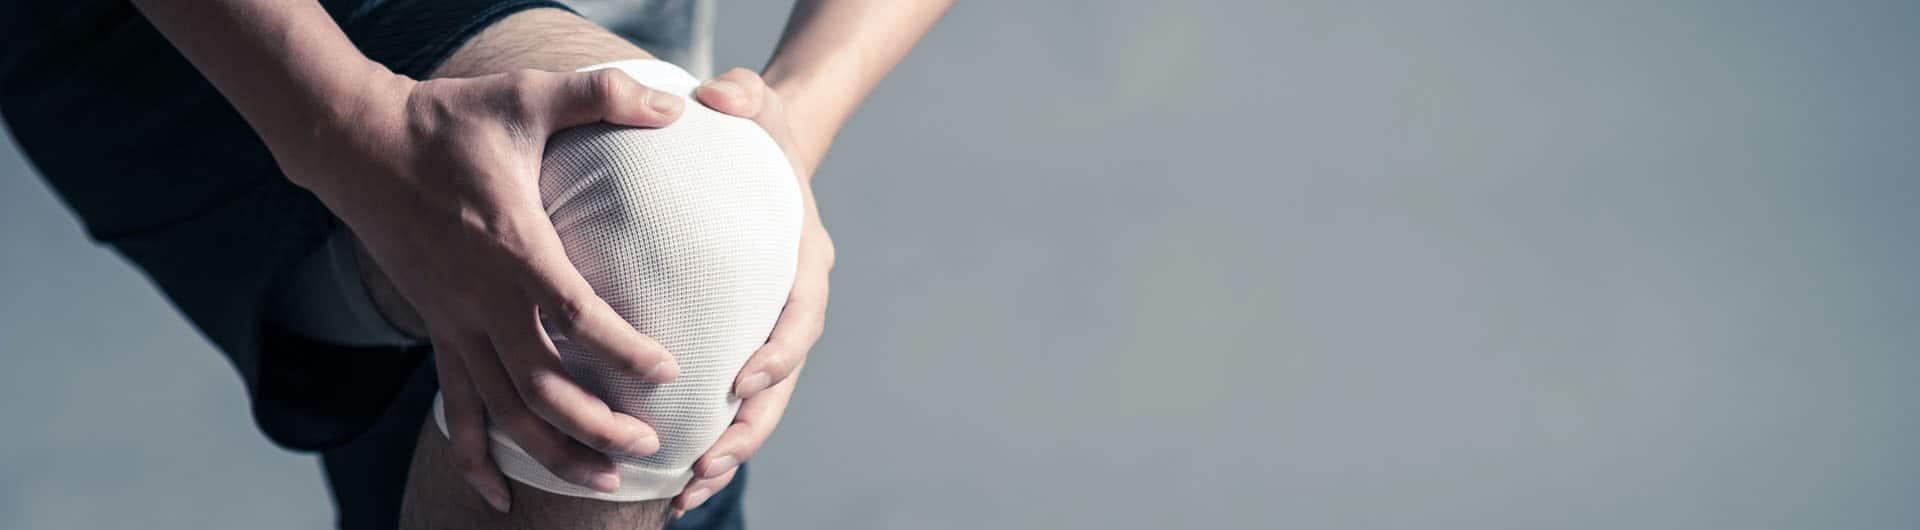 Unfallversicherung Kreuzbandriss - Zahlt die Versicherung?